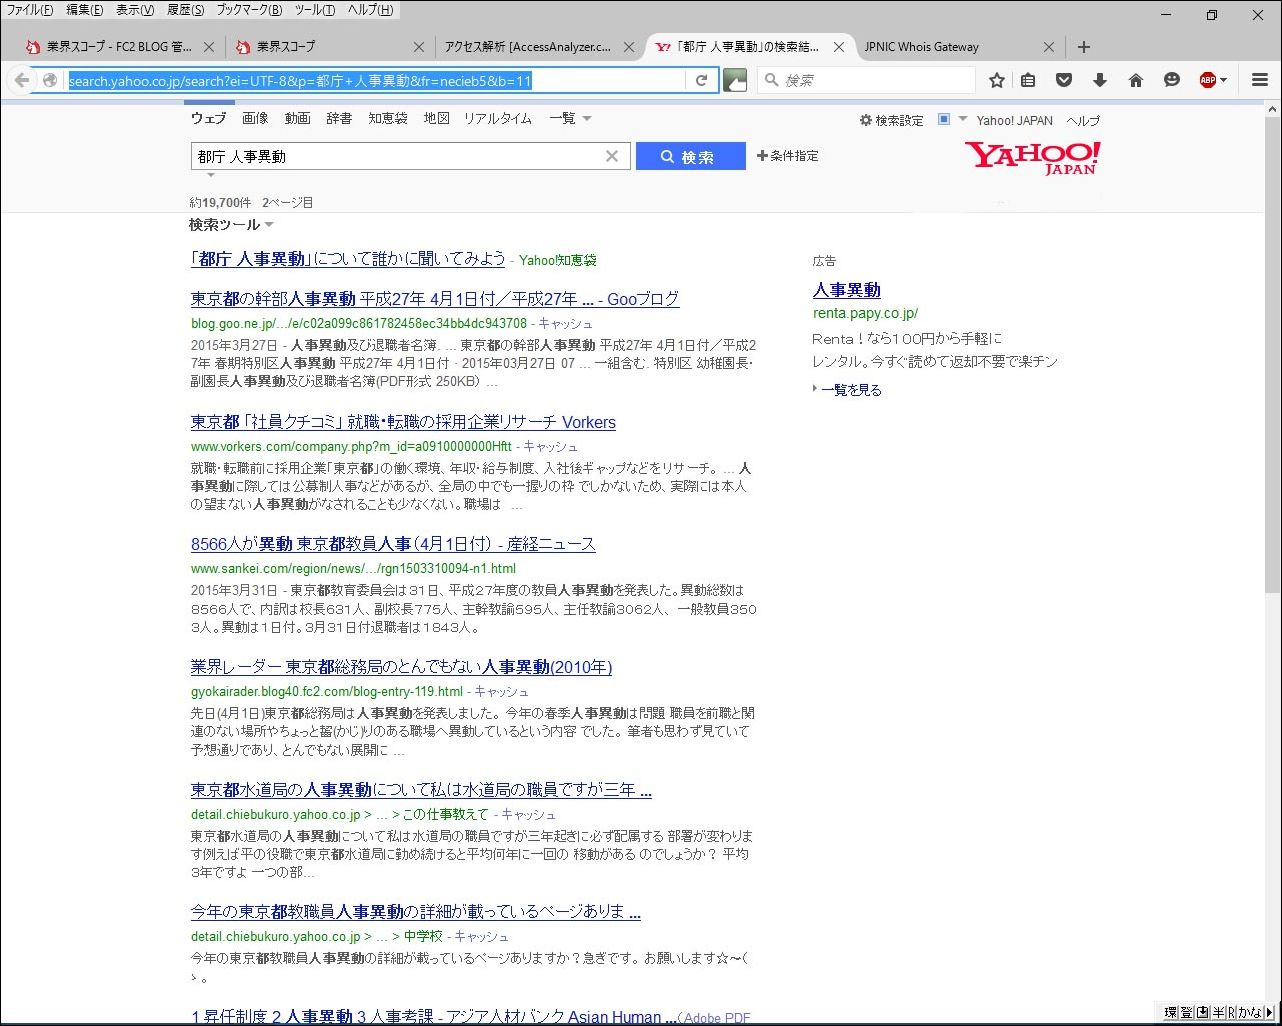 福島県Yahoo